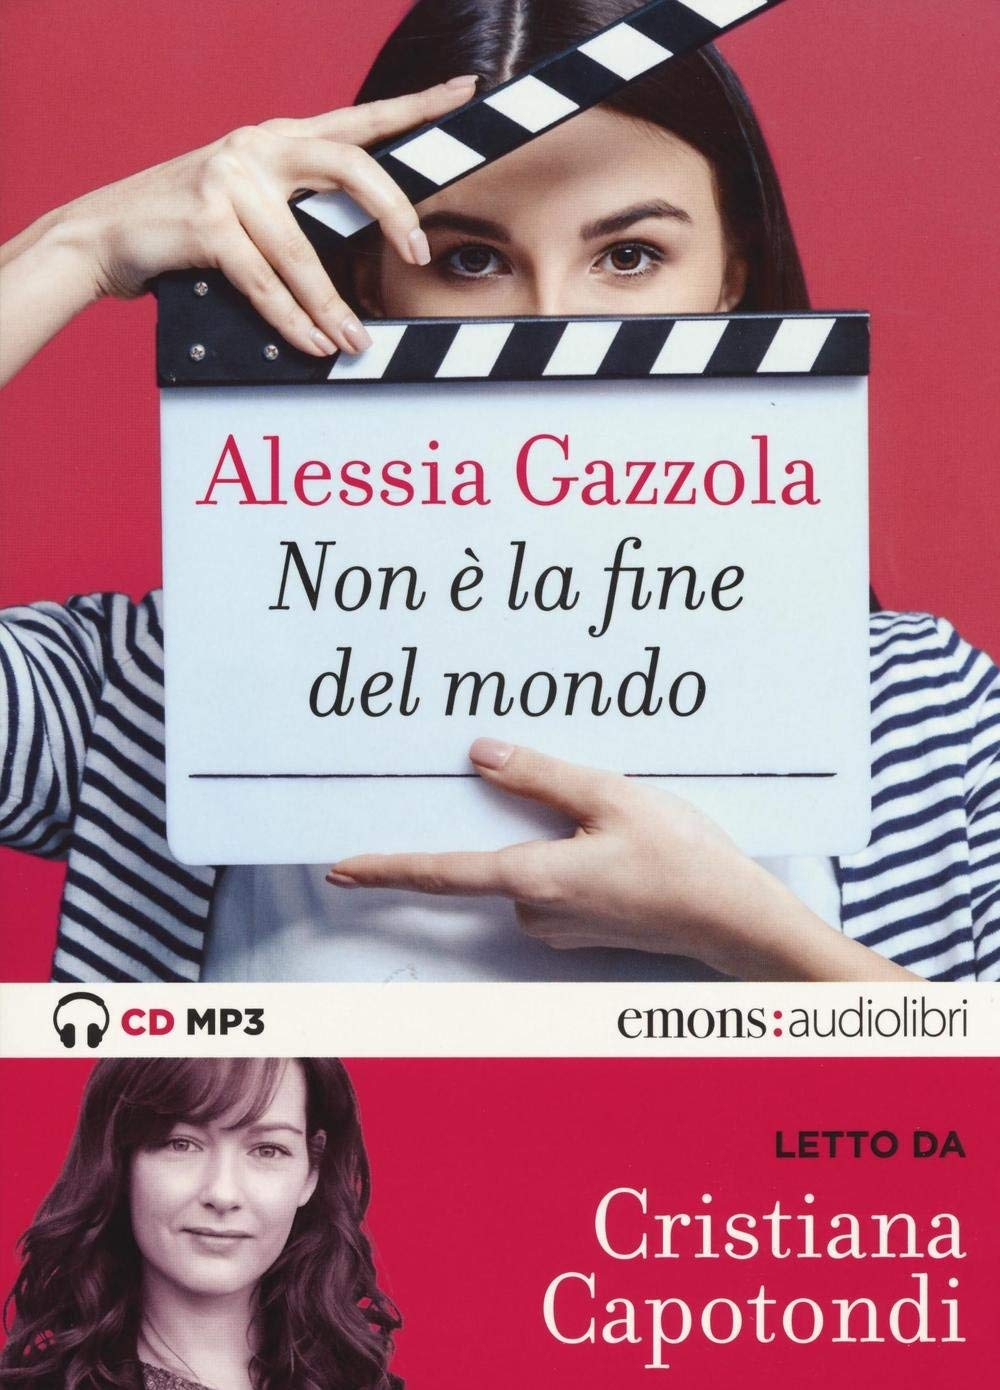 Audiolibro Alessia Gazzola - Gazzola, Alessia (Audiolibro) NUOVO SIGILLATO, EDIZIONE DEL 09/02/2017 SUBITO DISPONIBILE